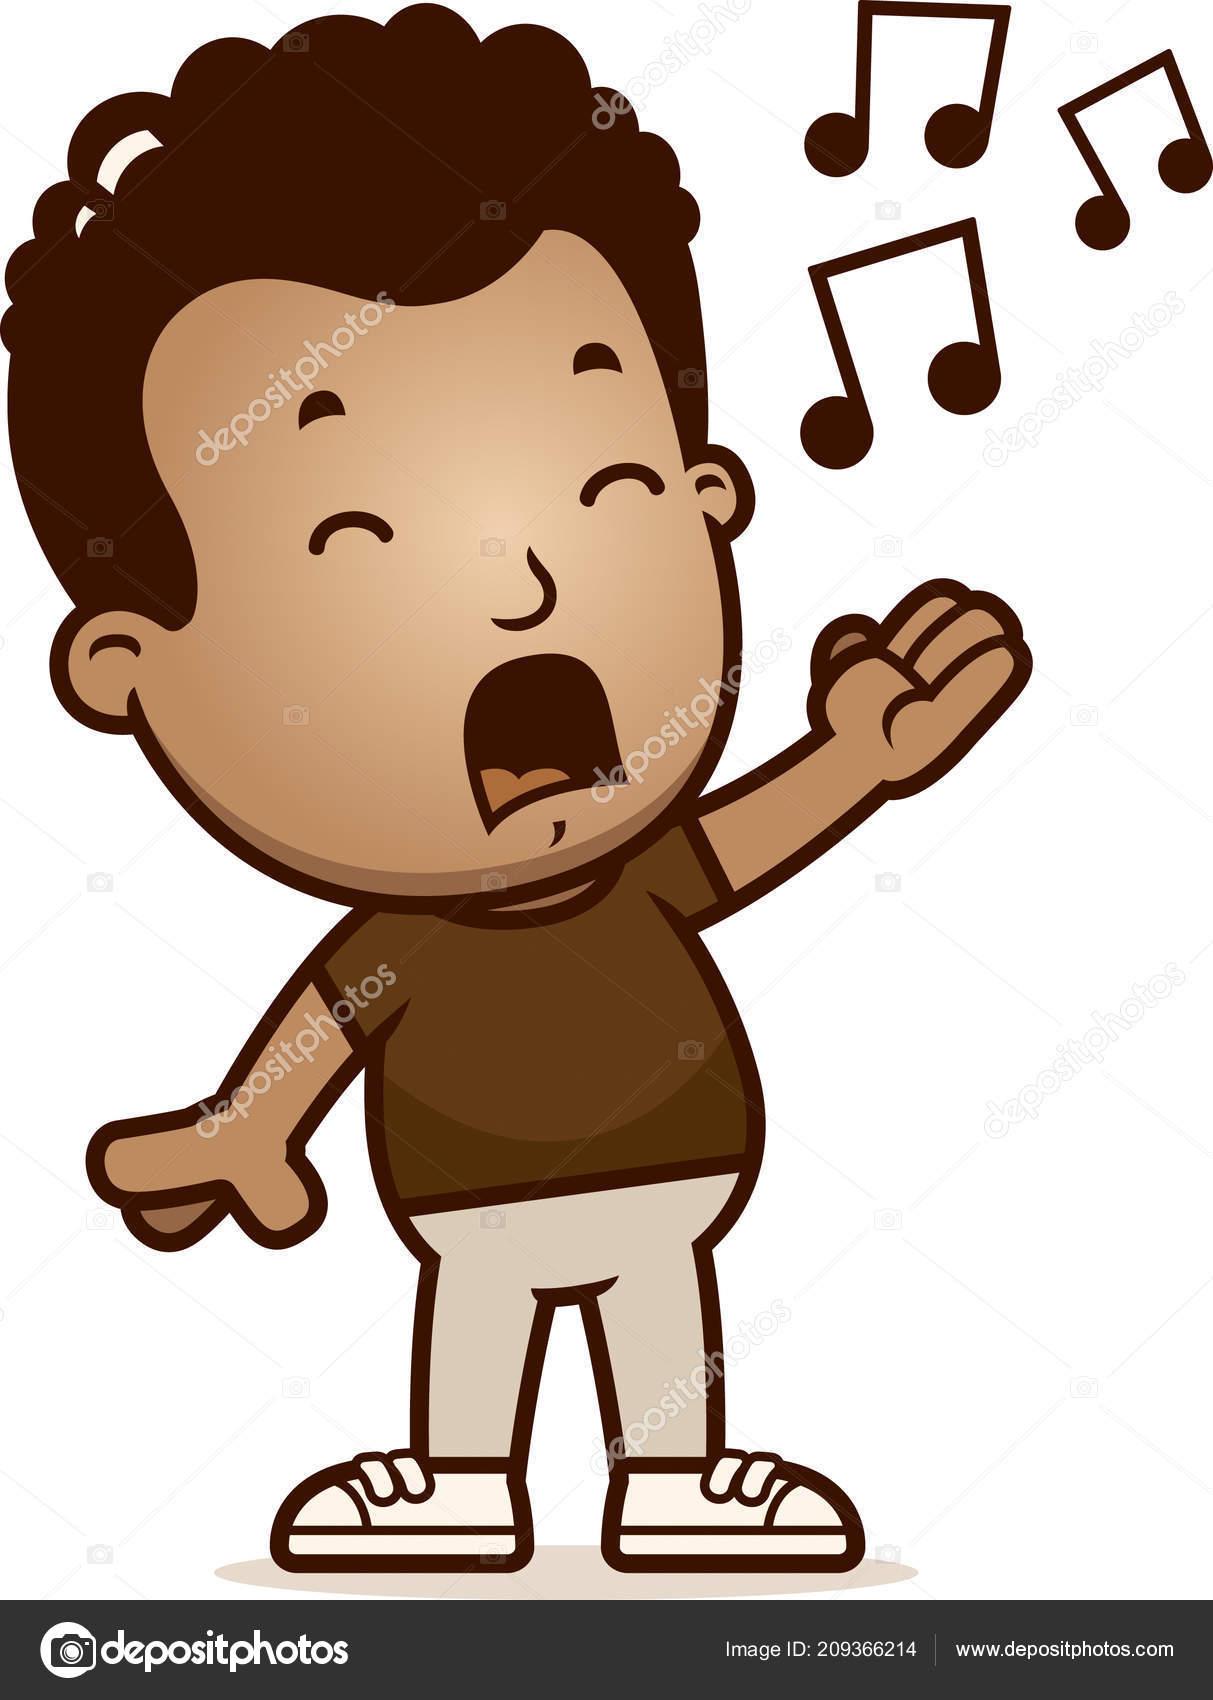 歌っている少年の漫画イラスト ストックベクター Cthoman 209366214